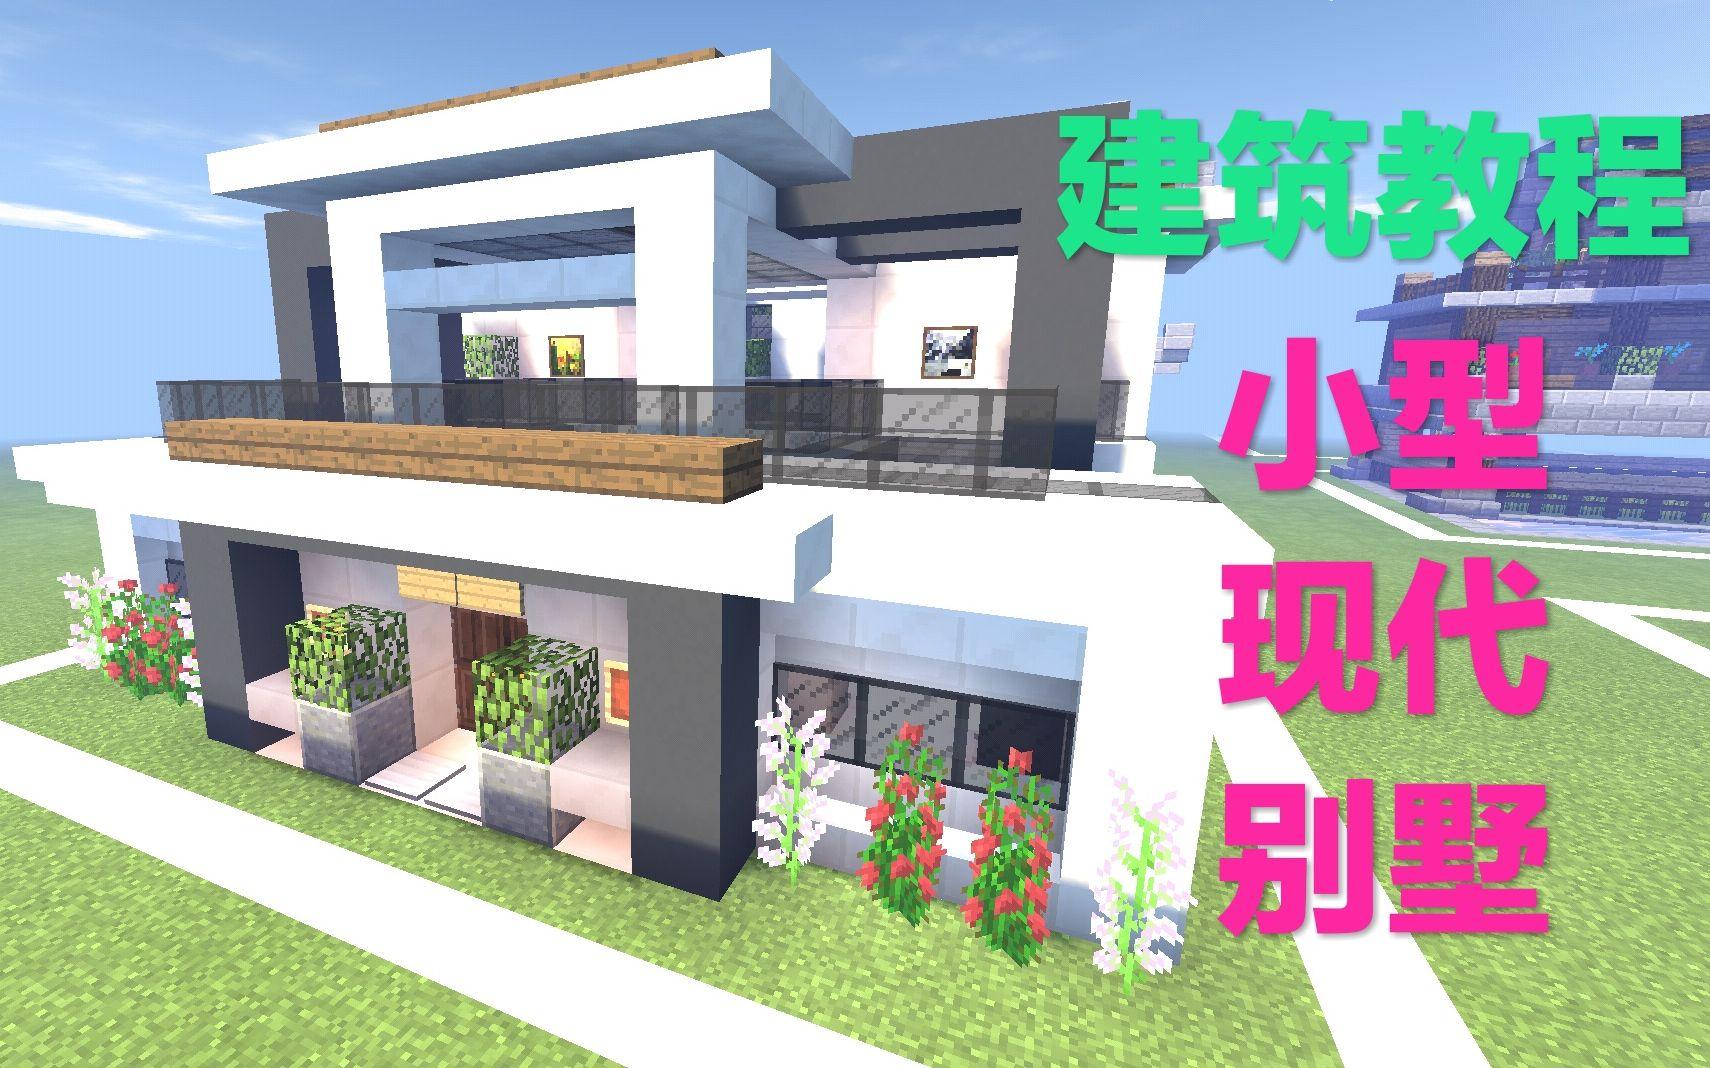 【我的价格】建筑别墅-做一个小型现代世界别墅北京教程车库门图片